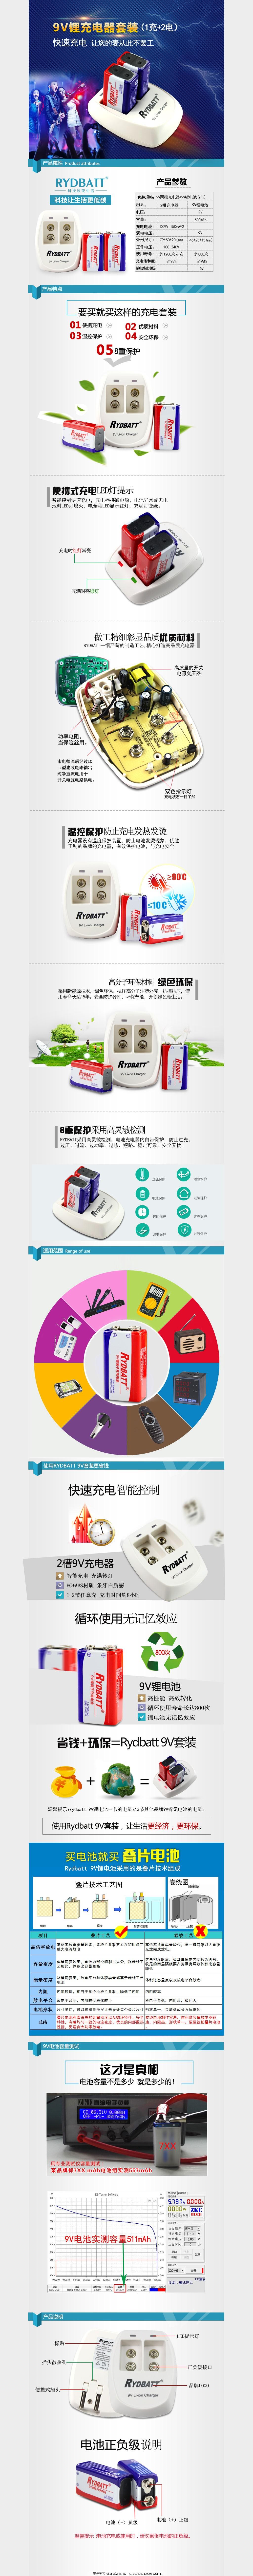 锂电池充电器 详情页 淘宝详情页 白色